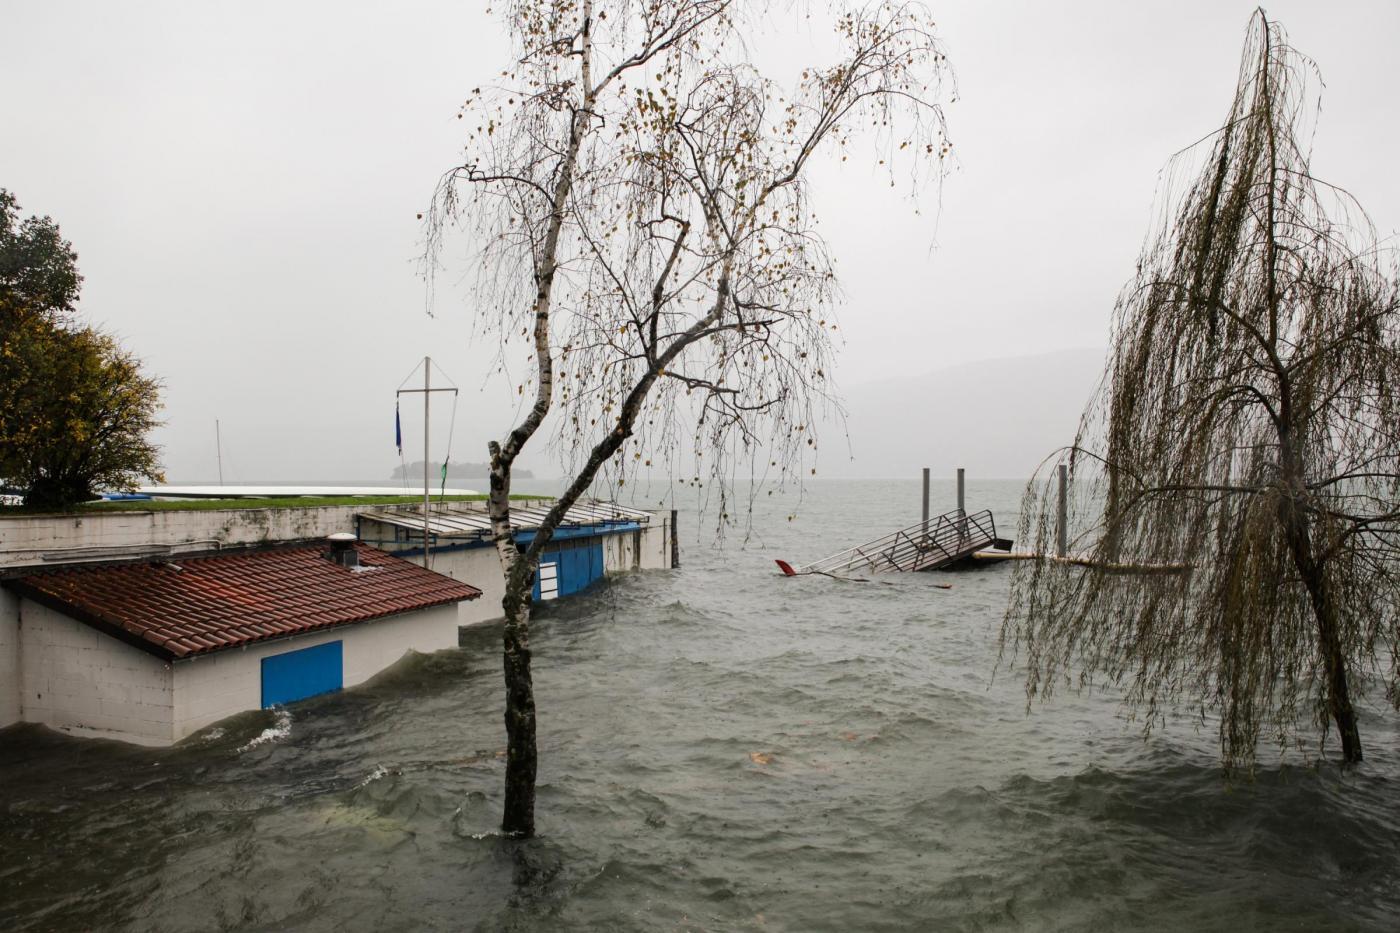 Maltempo in Piemonte, allagamenti e frane: migliorano le condizioni meteo